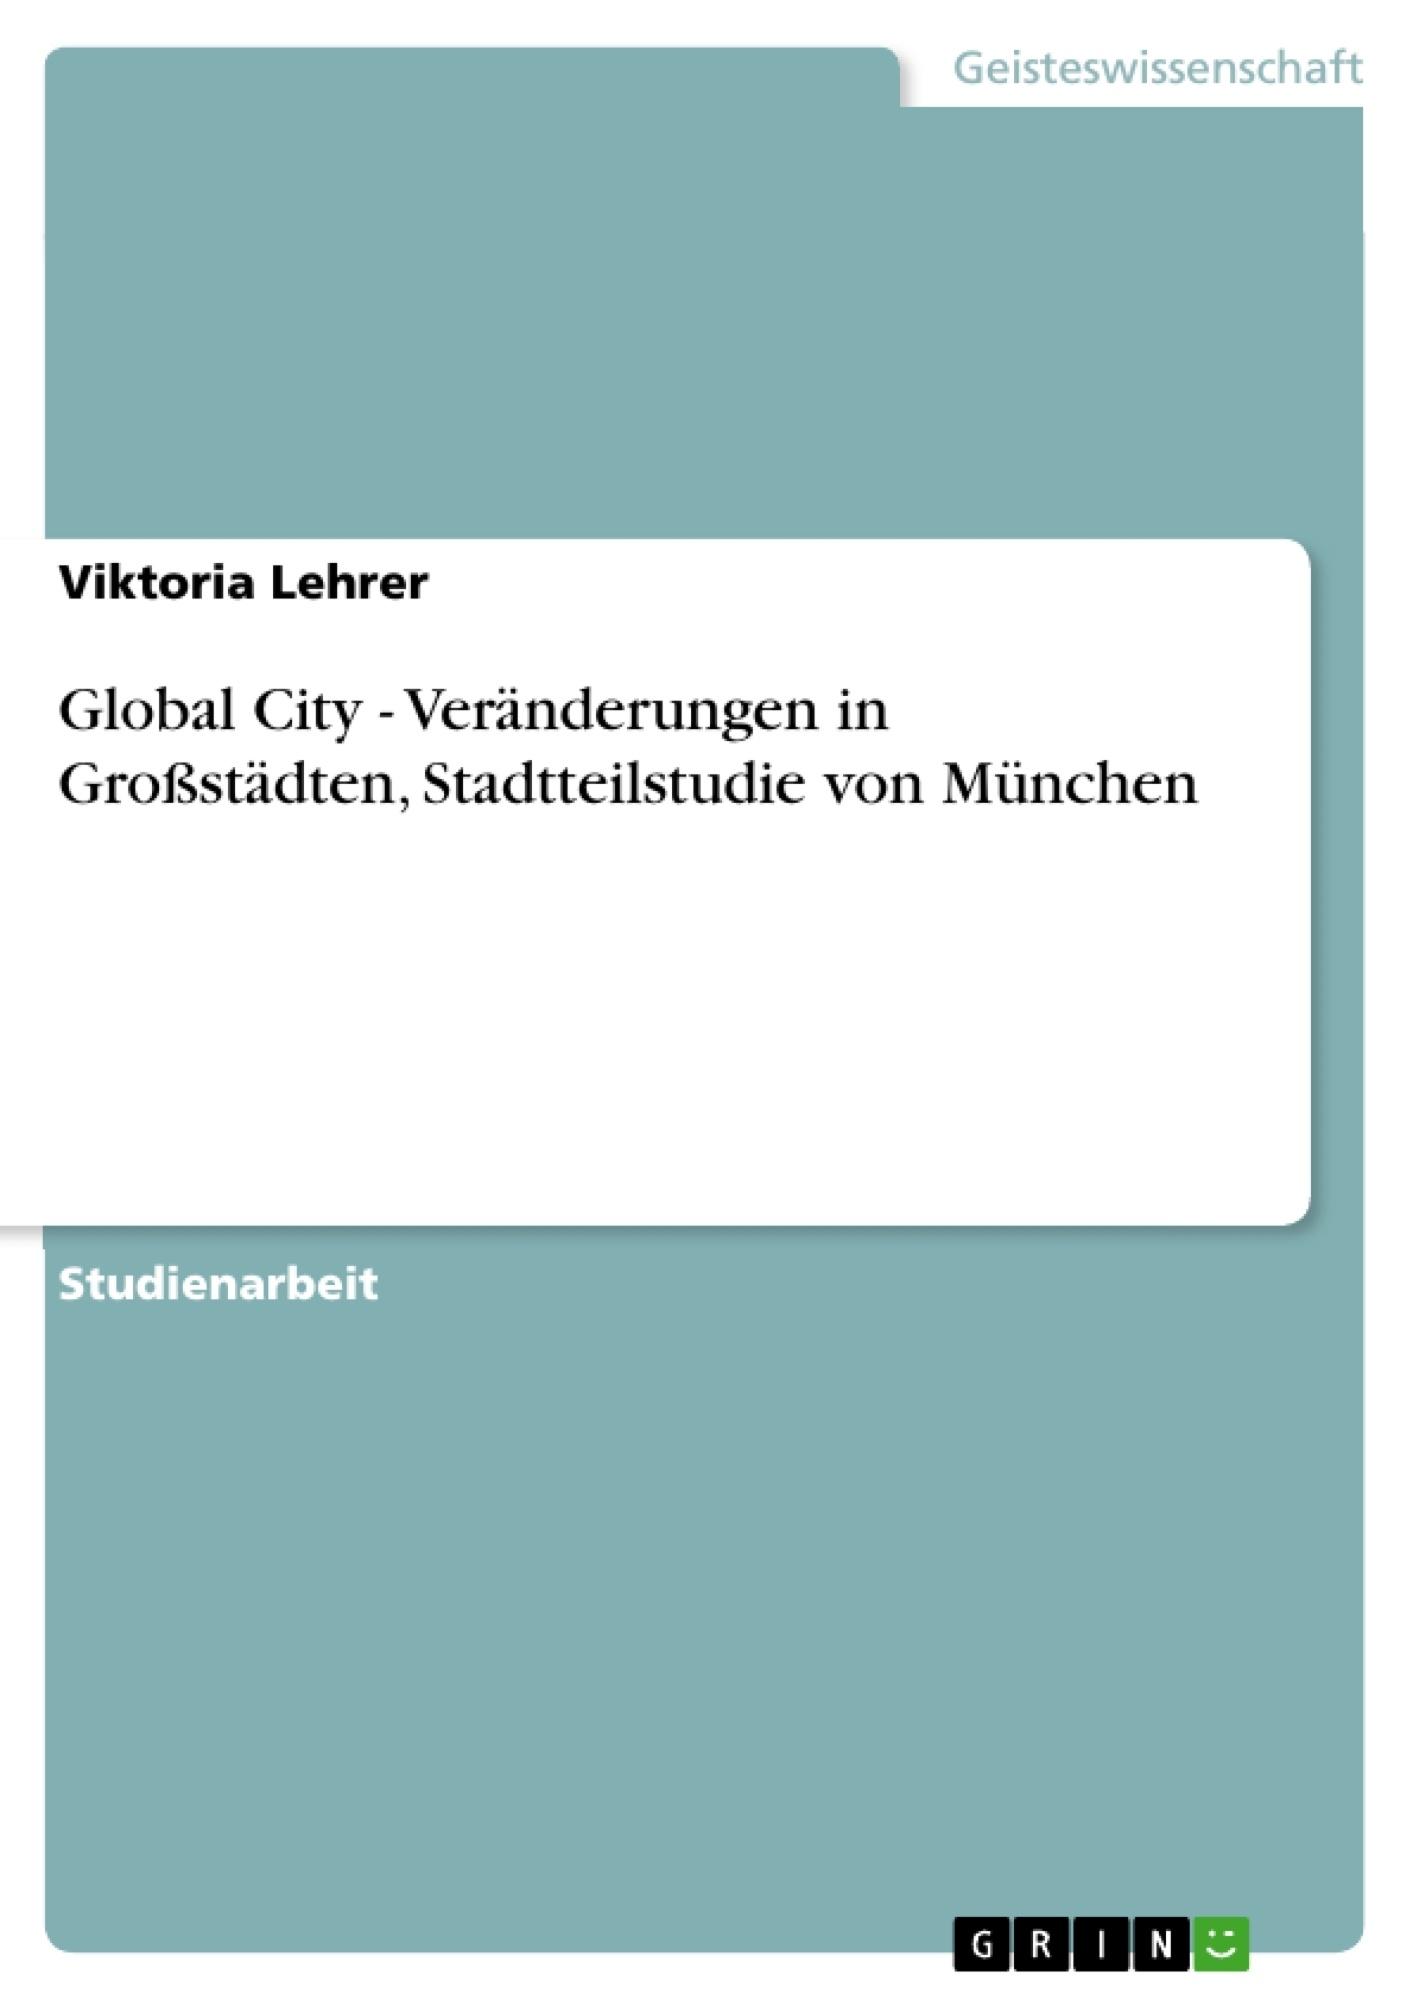 Titel: Global City - Veränderungen in Großstädten, Stadtteilstudie von München